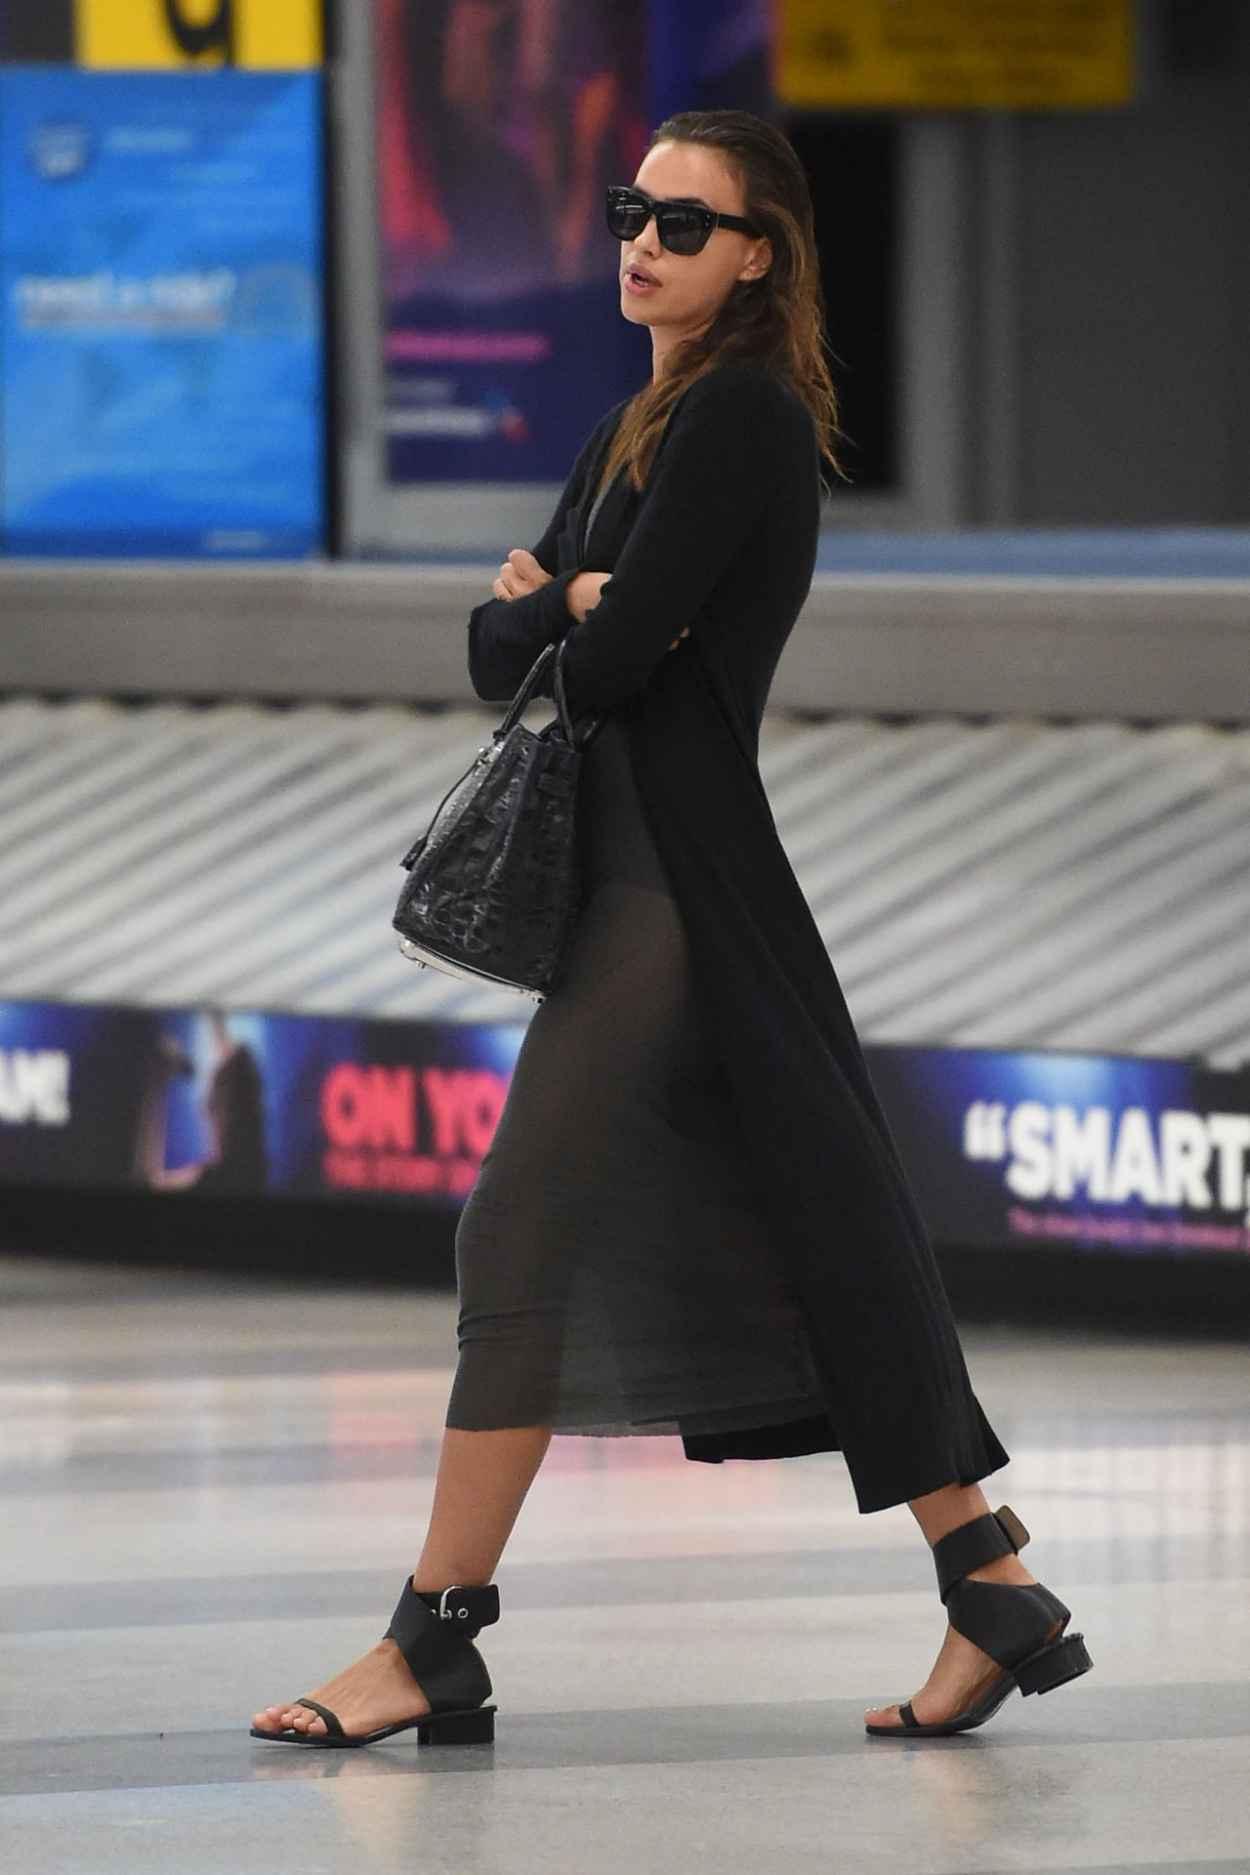 Irina Shayk Airport Style - JFK Airport in NYC, September 2015-5